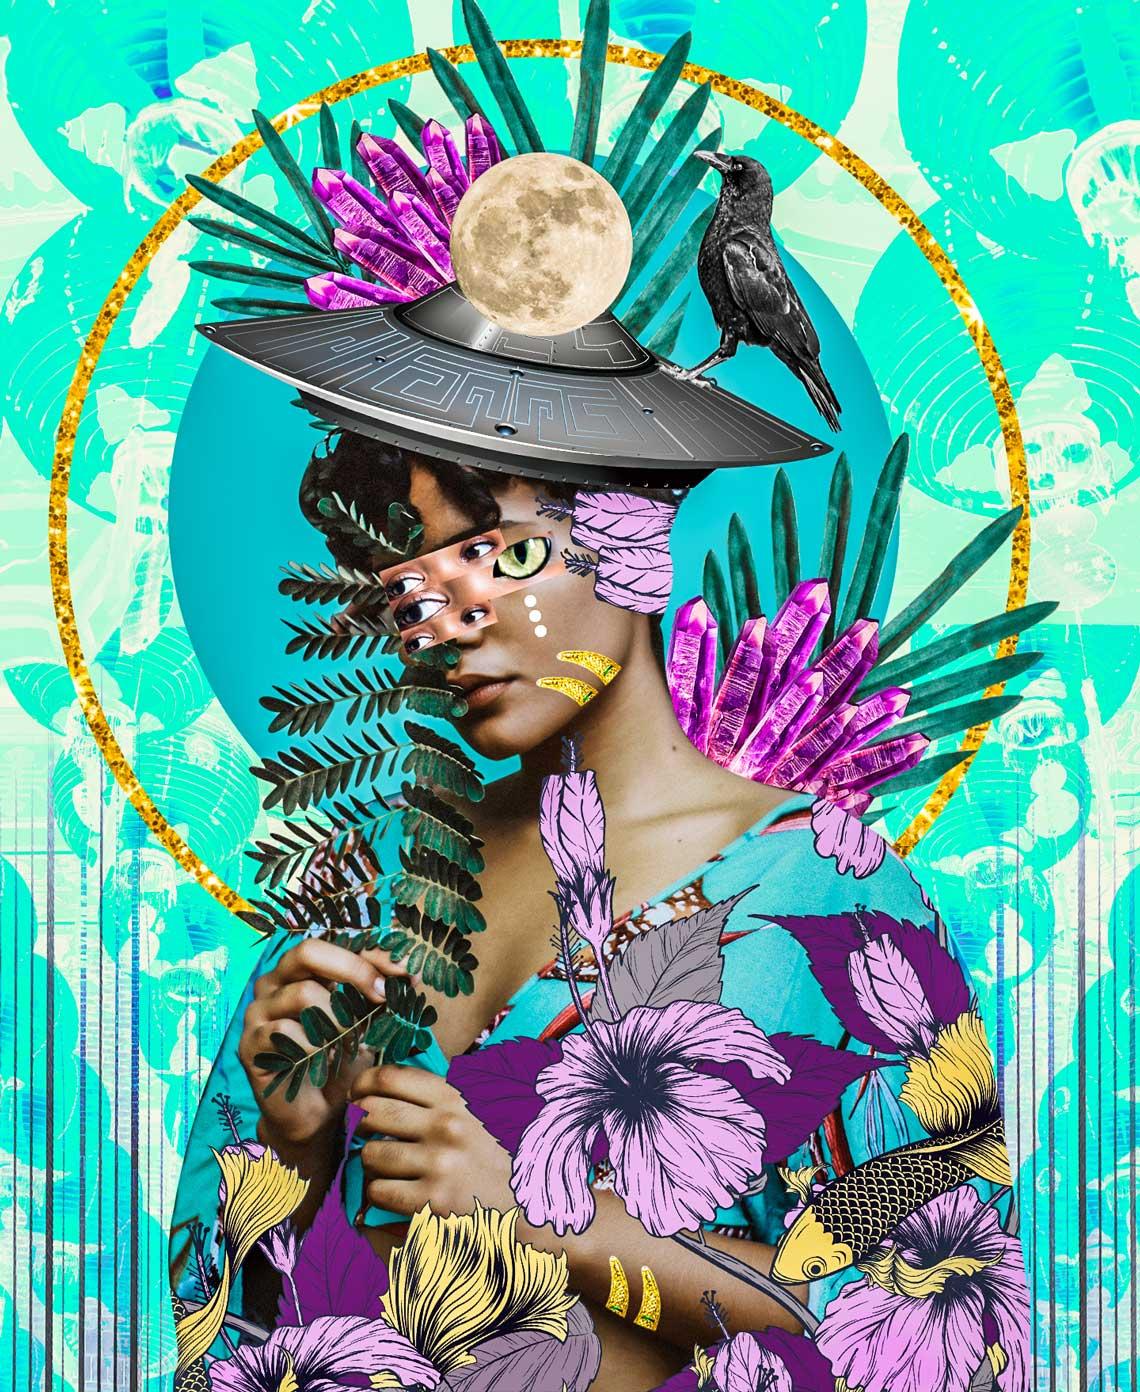 afrofuturism-collages-of-kaylan-m-6